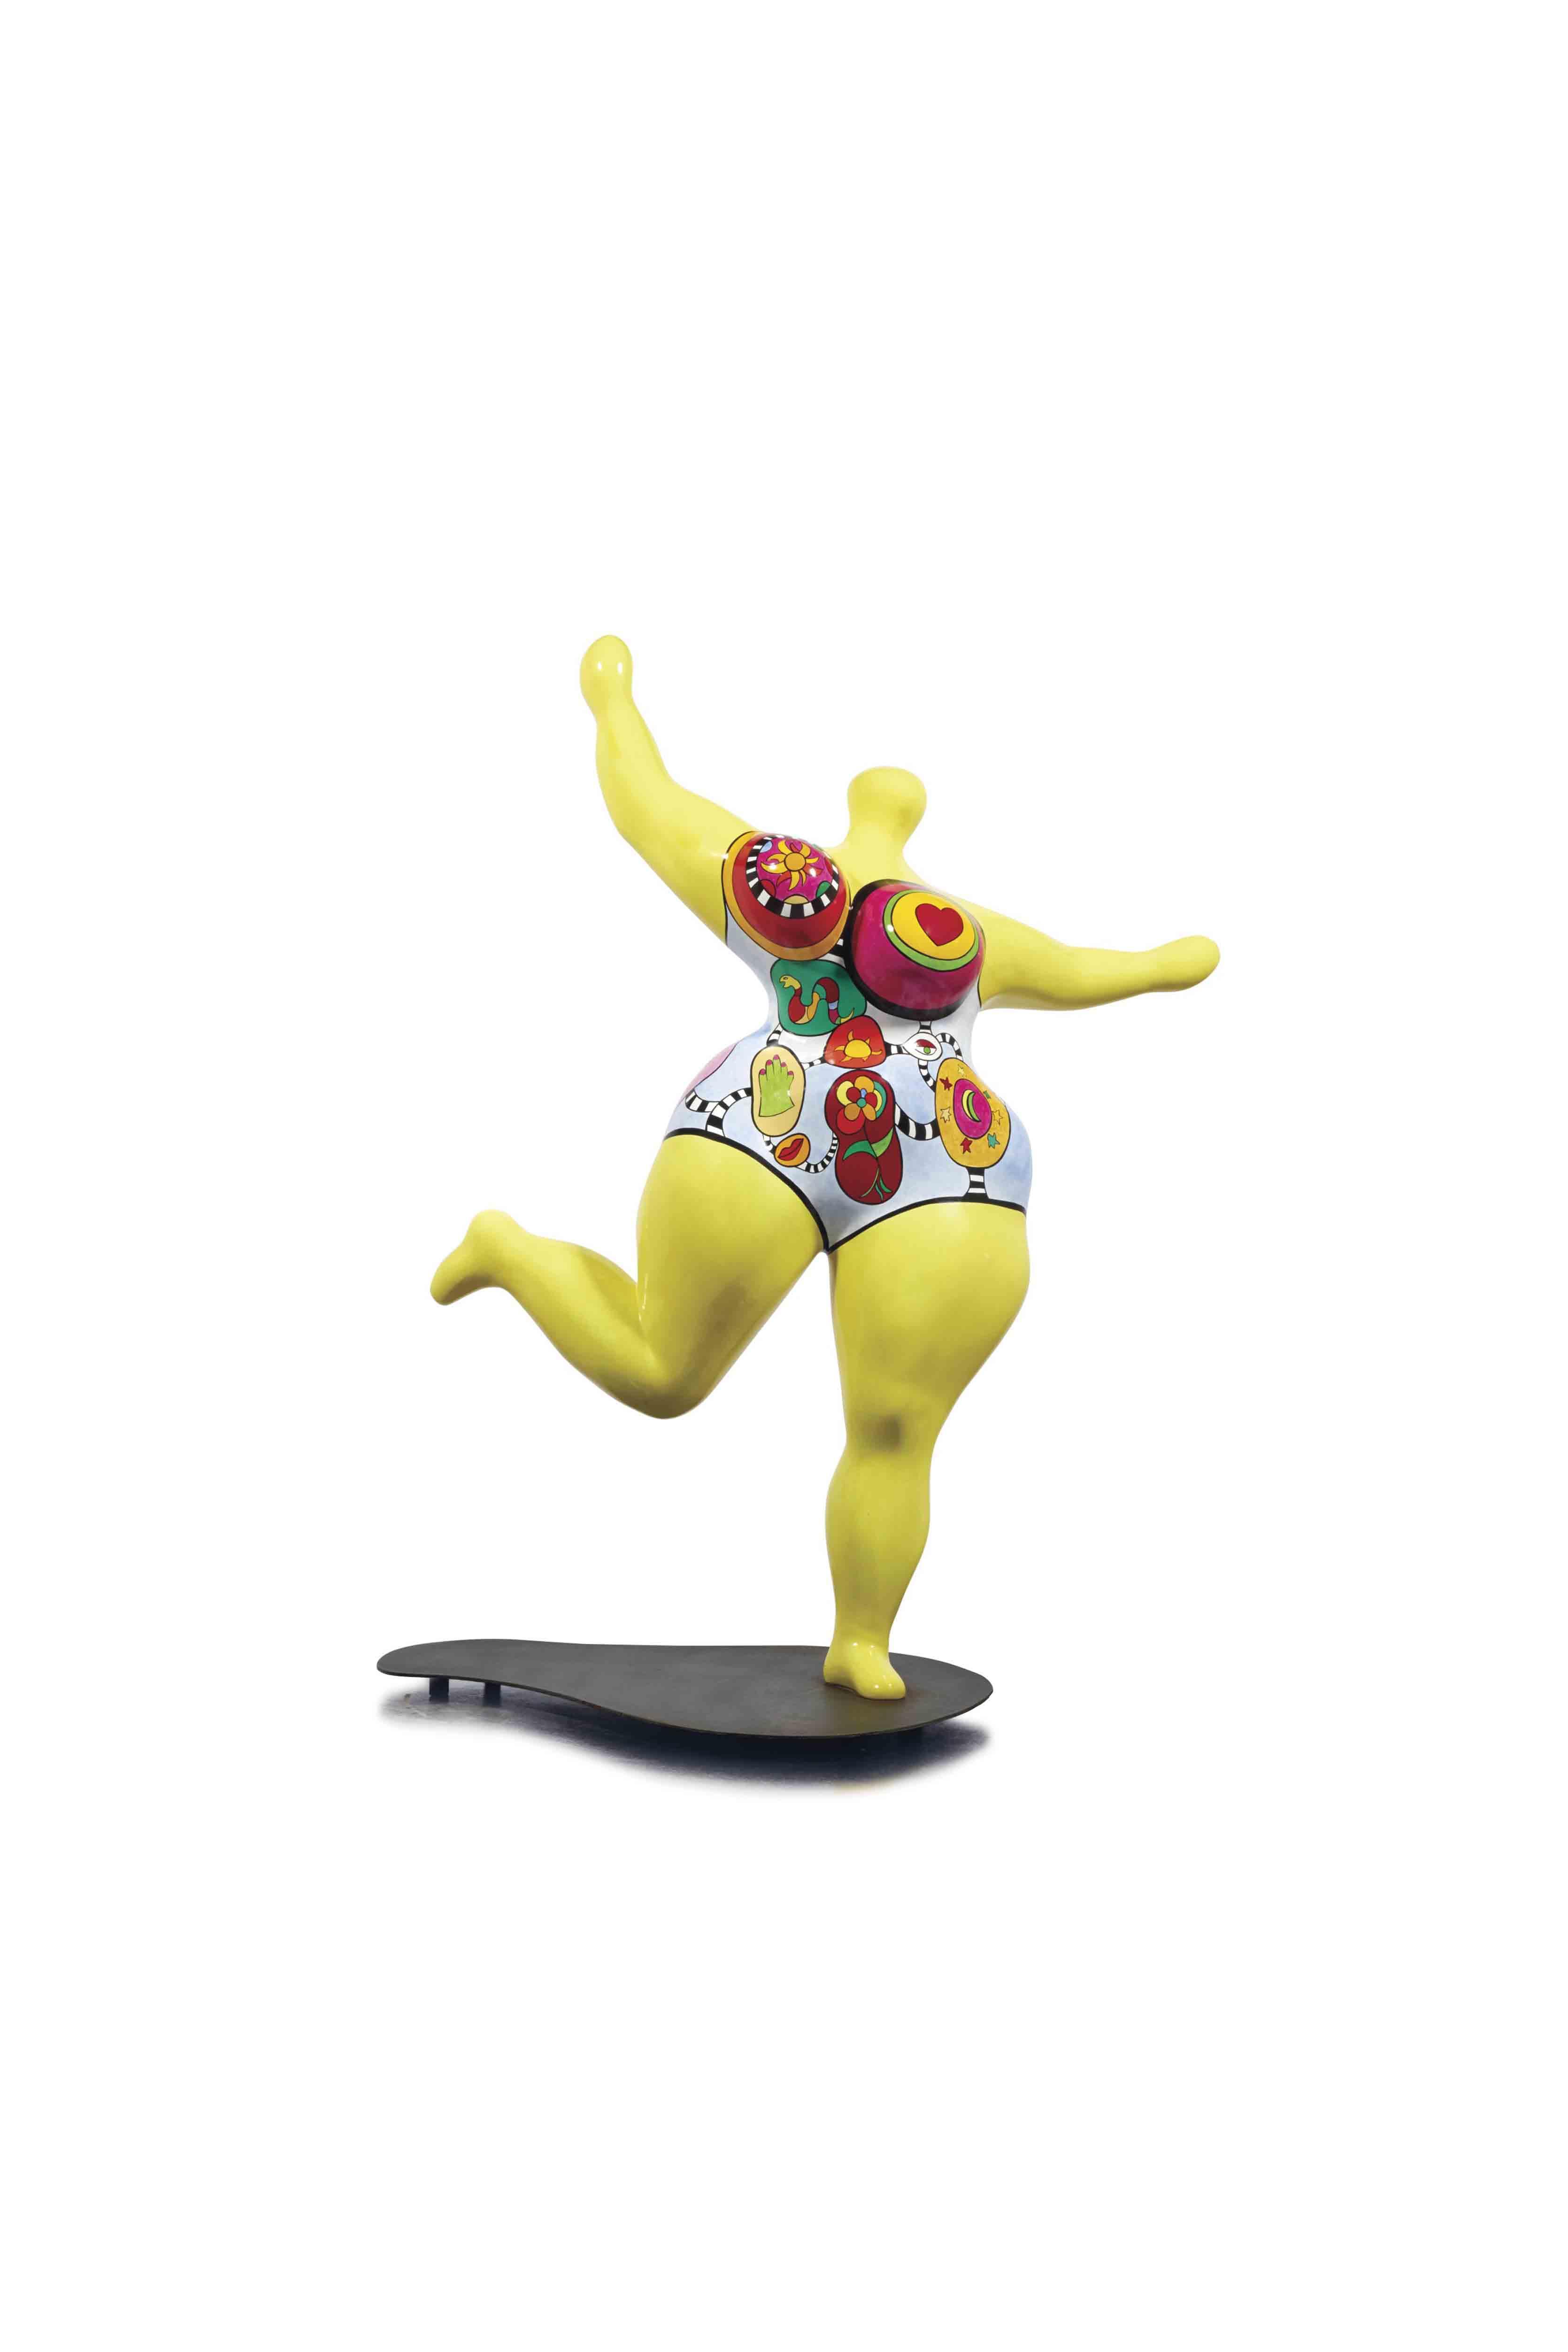 """Lot 47. Niki de Saint Phalle (1930 - 2002), """"Dawn (jaune)"""", signé et daté 'Niki de Saint Phalle 95' (à l'arrière de la jambre droite); numéroté et avec le cachet de l'éditeur 'Gérard Résines d'art Haligon 2/5' (à l'arrière du pied gauche), résine polyester peinte avec base: 140.3 x 115 x 61 cm. Réalisée en 1995, cette œuvre porte le numéro deux d'une édition de cinq exemplaires. Estimate EUR 200,000 - EUR 300,000 (USD 235,026 - USD 352,539)."""